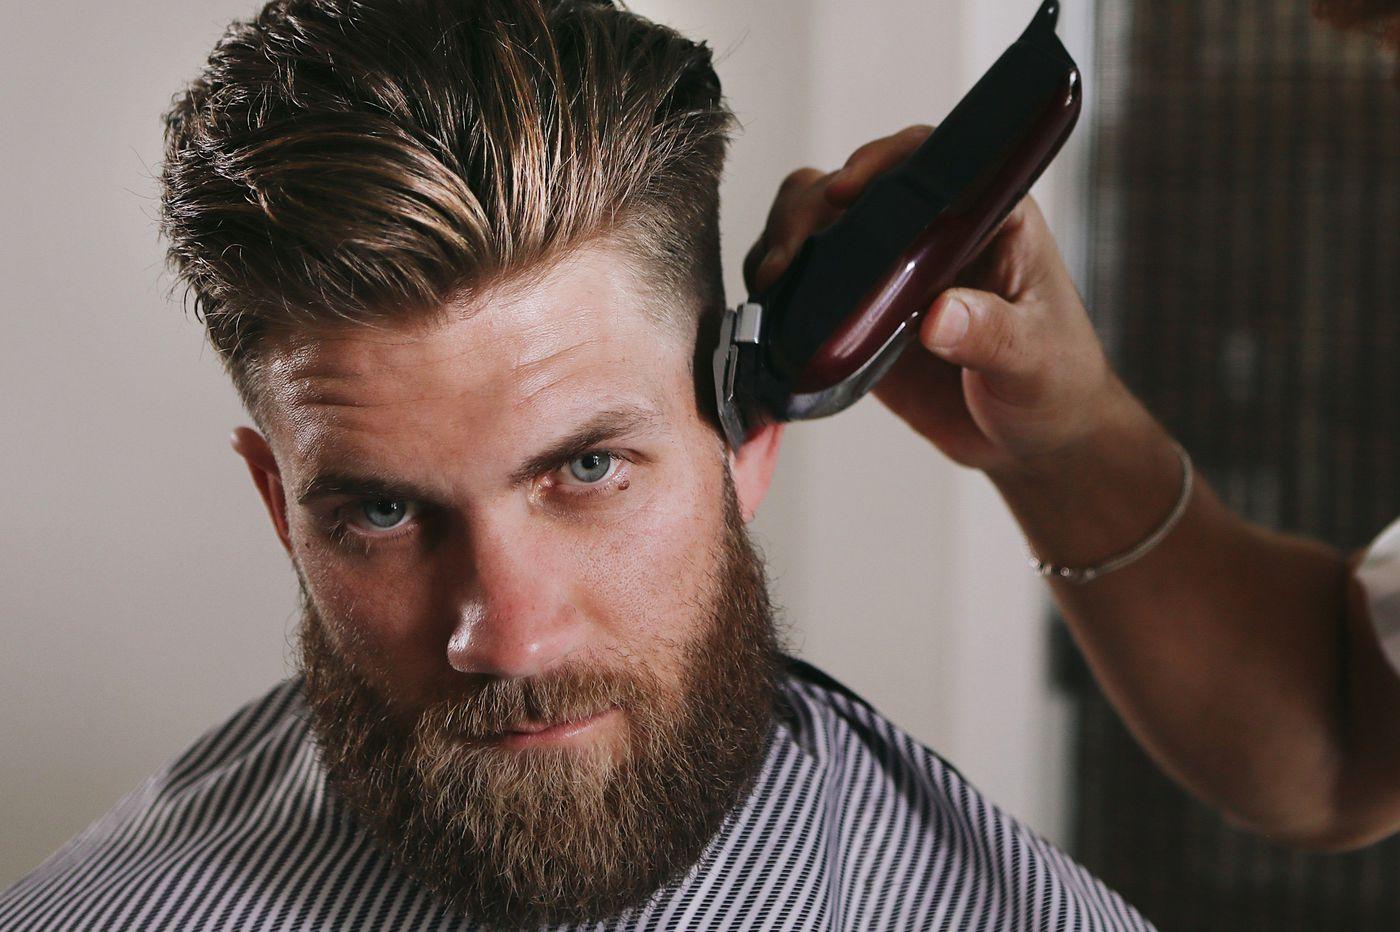 Bryce Harper Led Barbershop Speakeasy Mashup The Blind Barber To